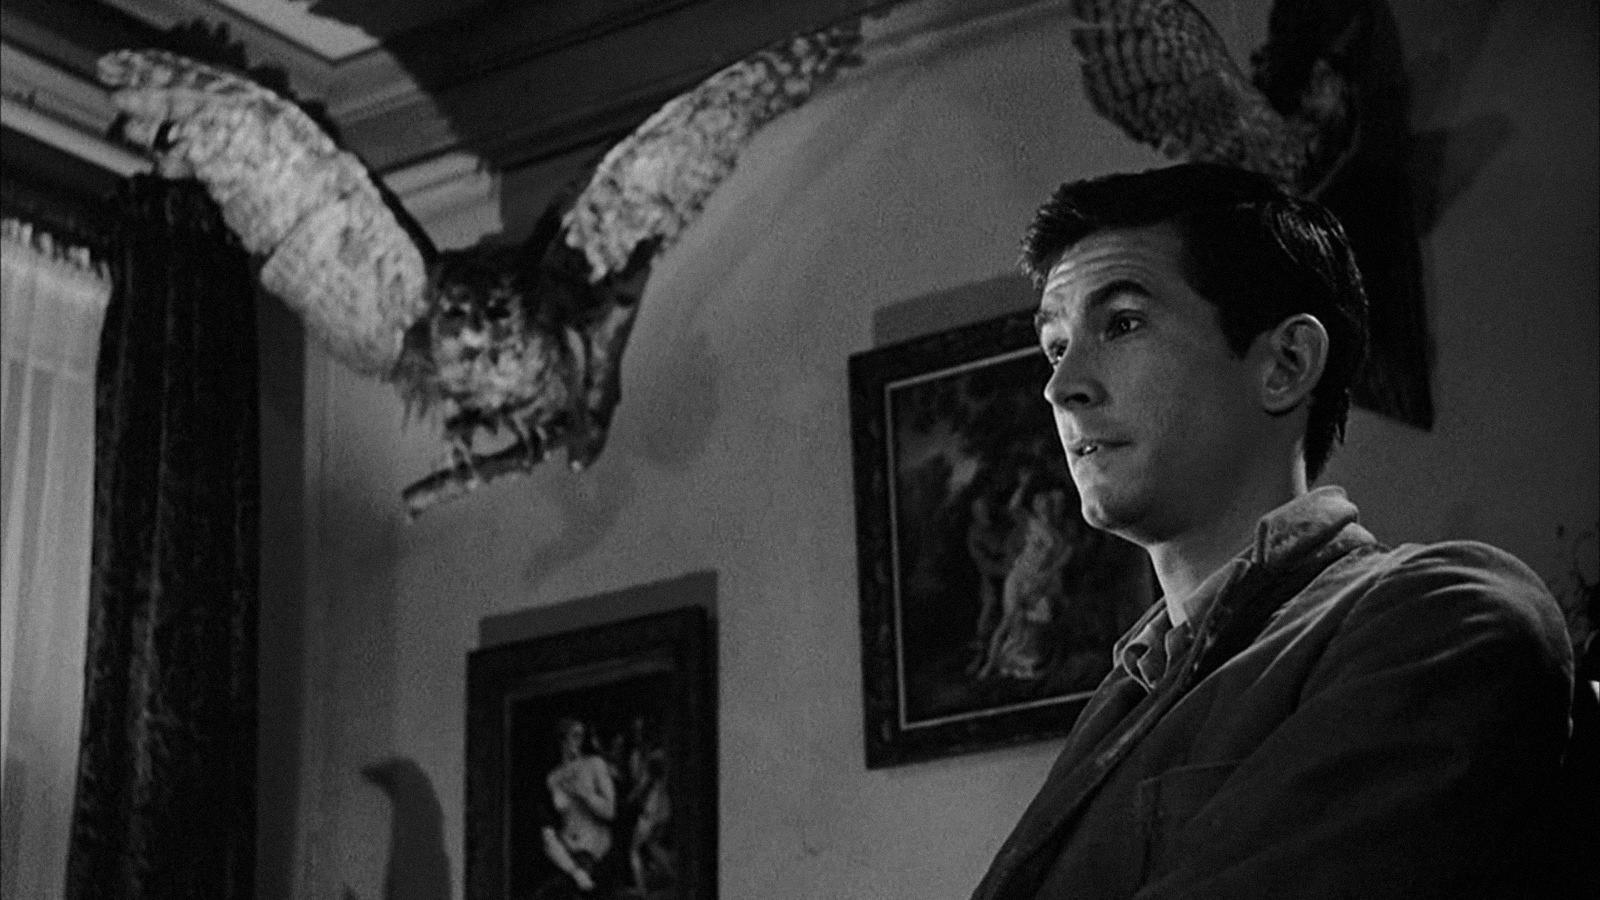 11 فیلم ترسناک کلاسیک که حتما باید ببینید